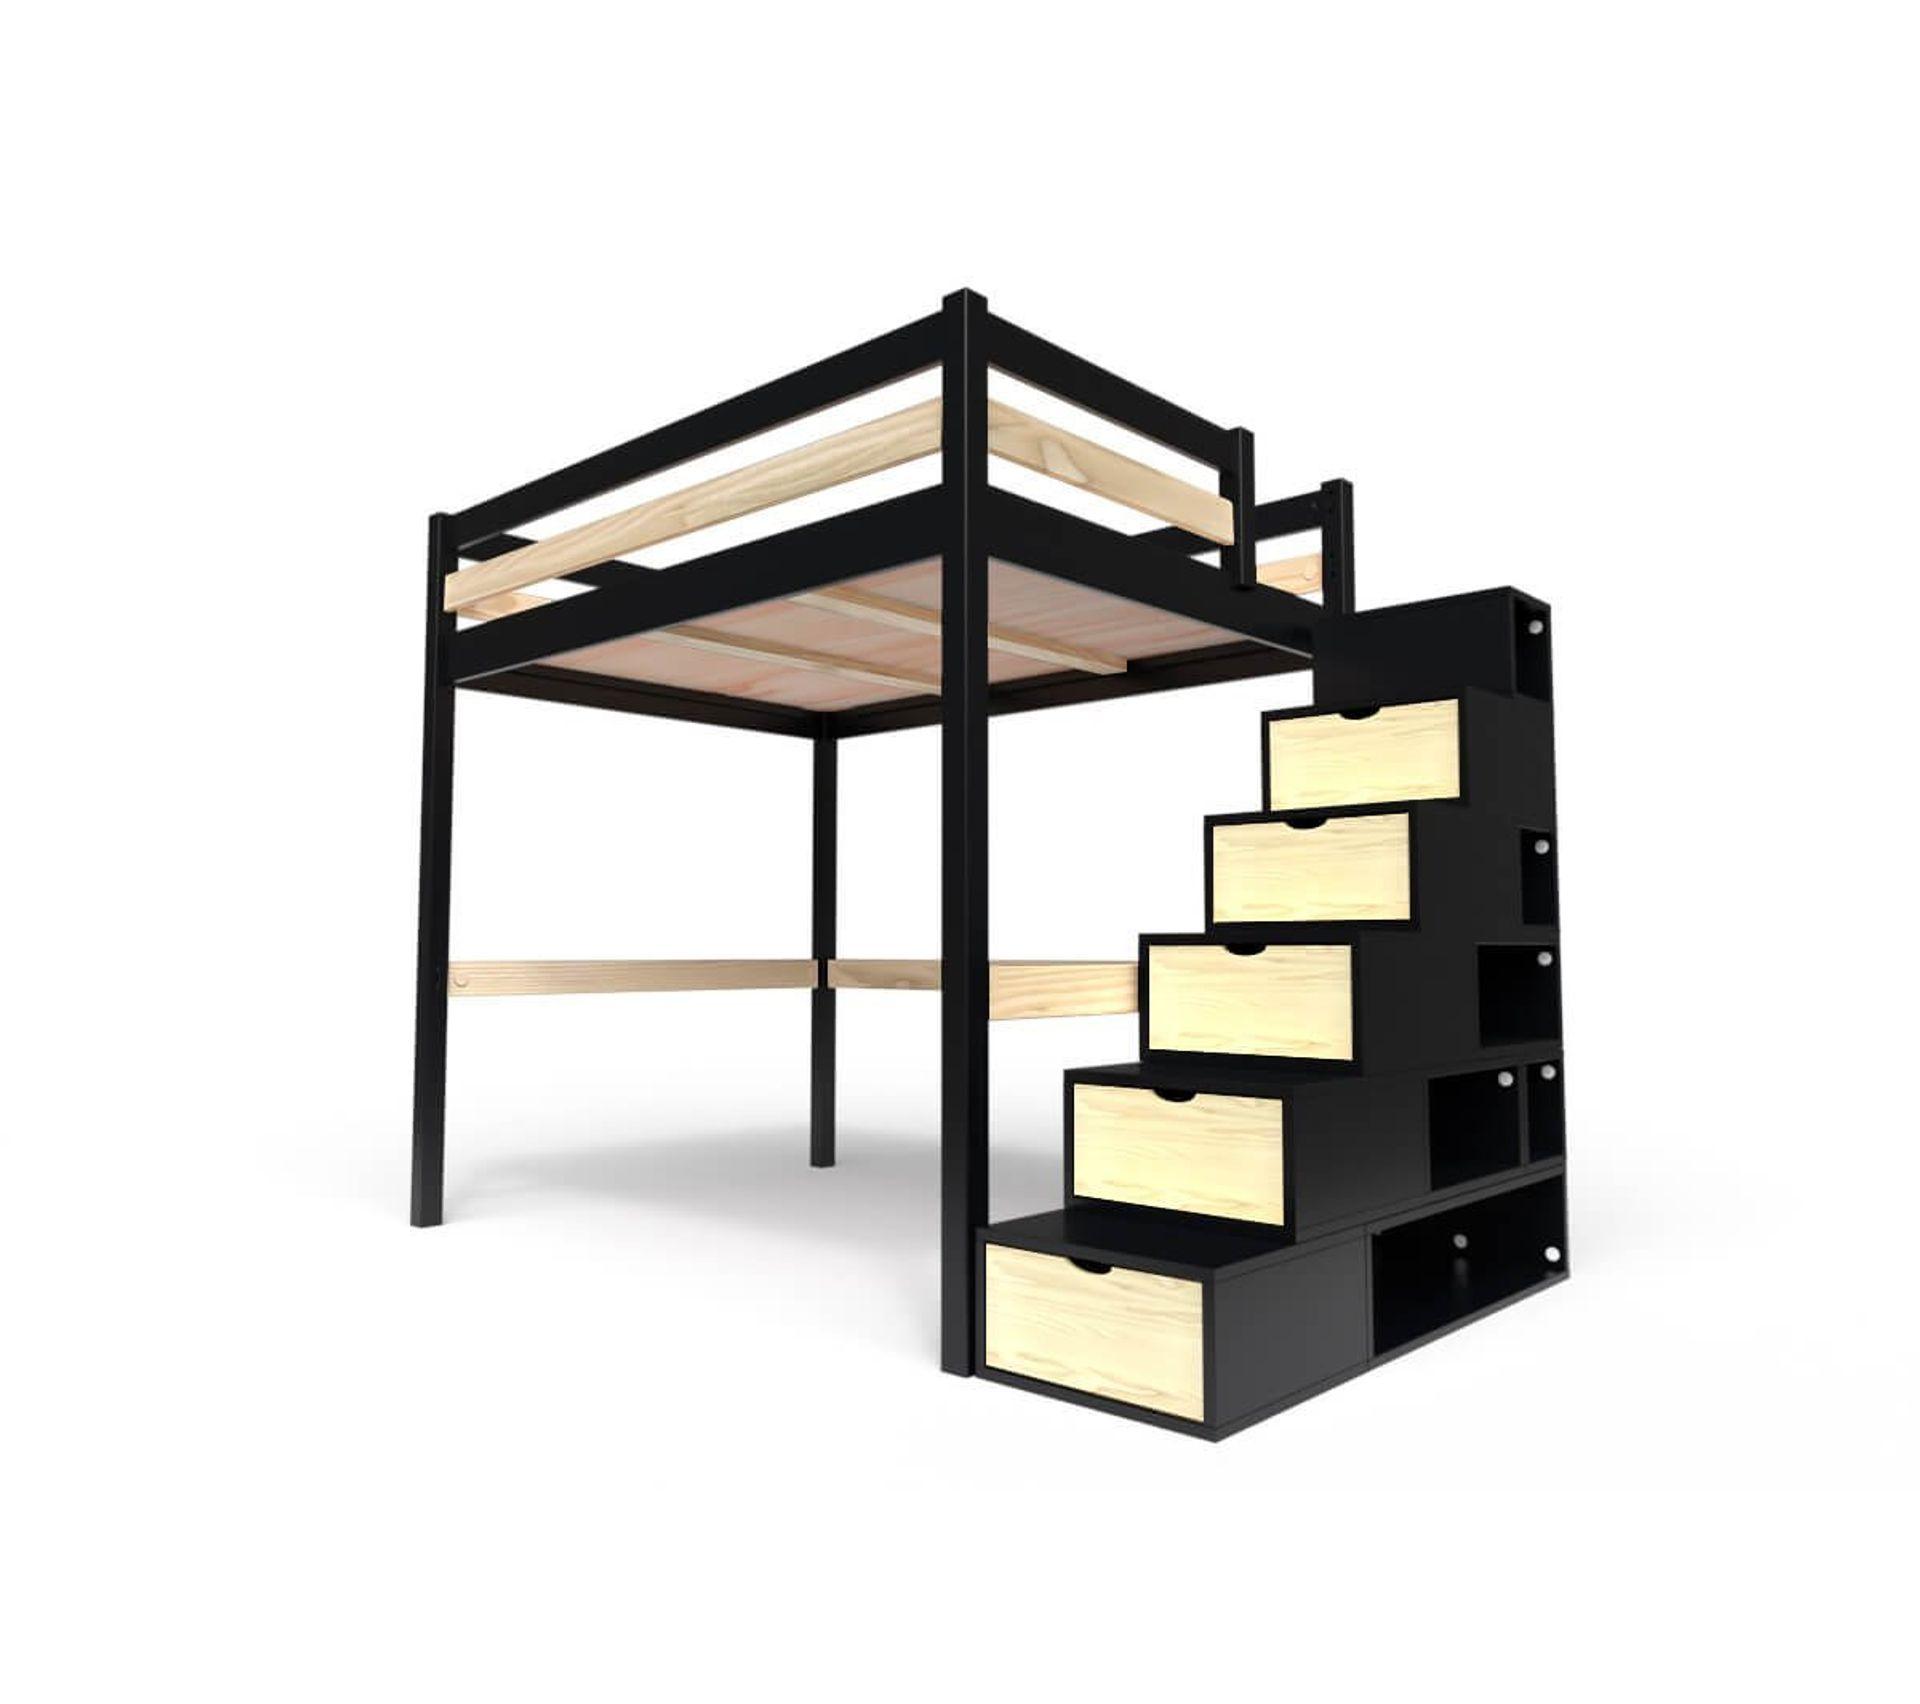 Escalier En Bois Avec Rangement lit mezzanine sylvia avec escalier cube bois, couleur: noir/vernis naturel,  dimensions: 160x200